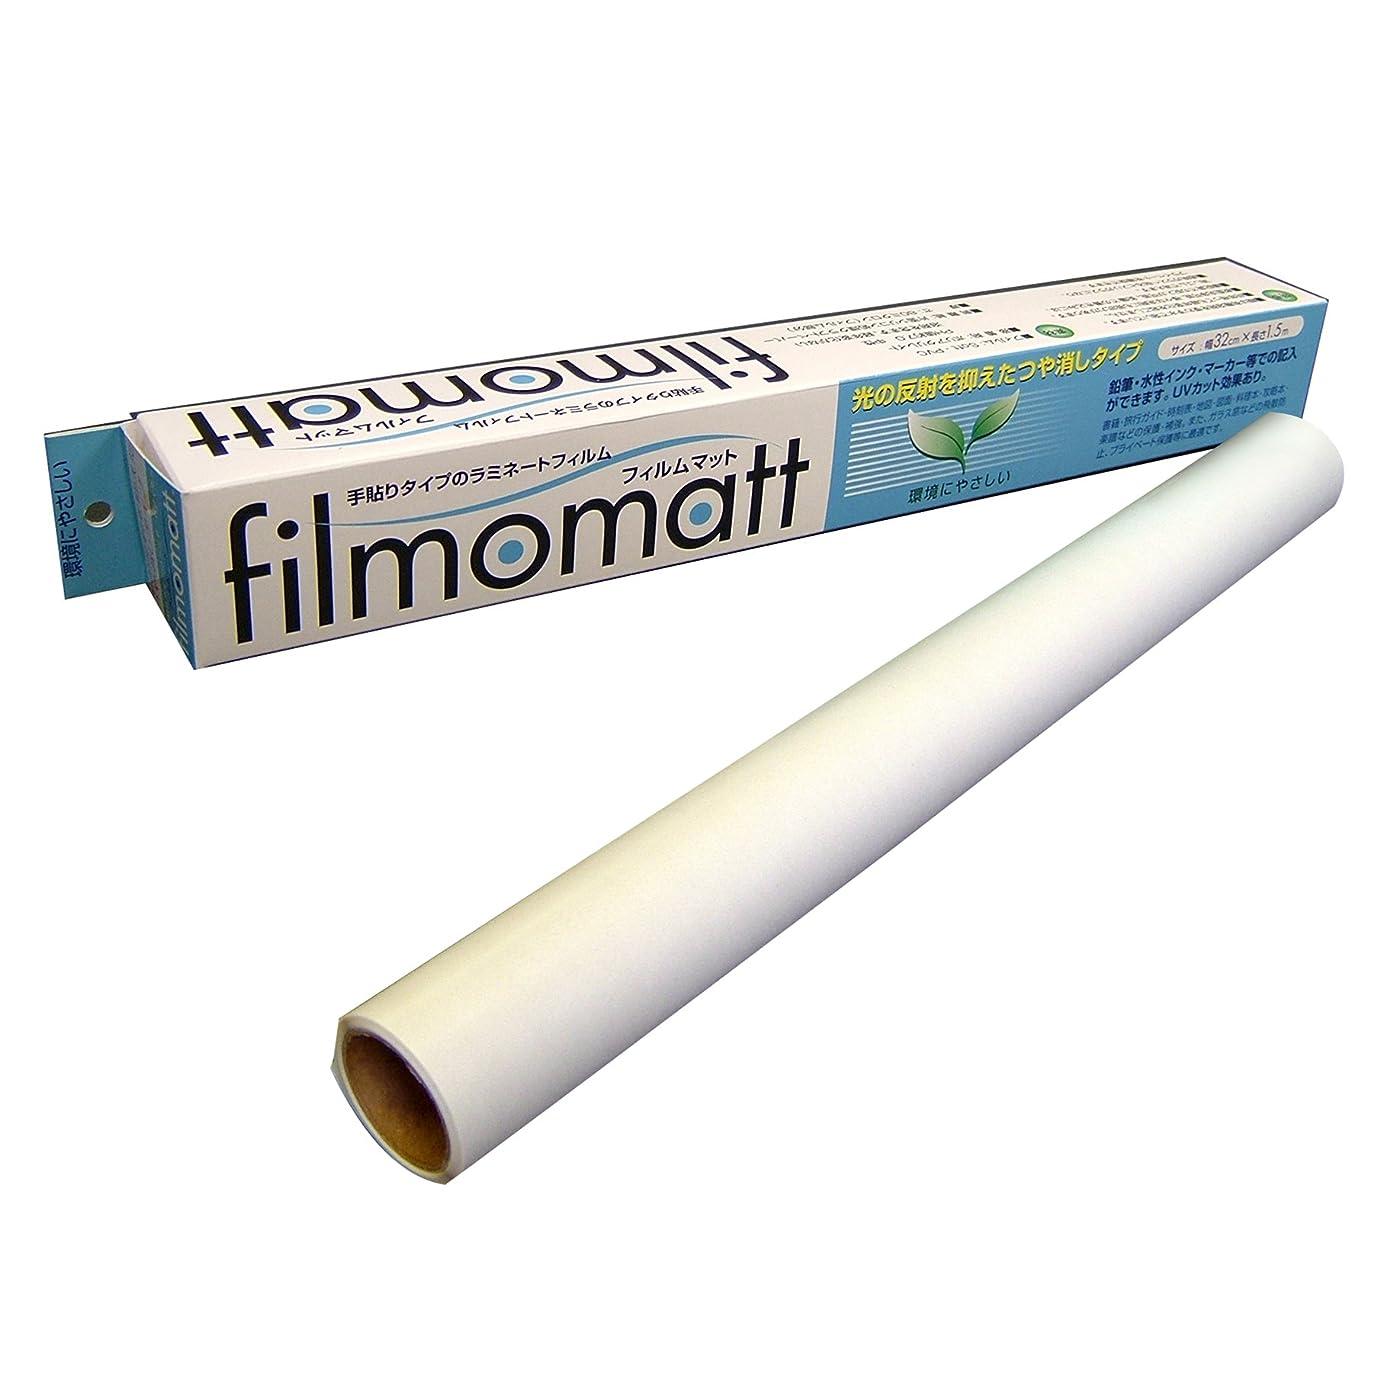 米国会話一時的フィルムルックス カバーフィルム フィルムマット 32cm×1.5m 01000